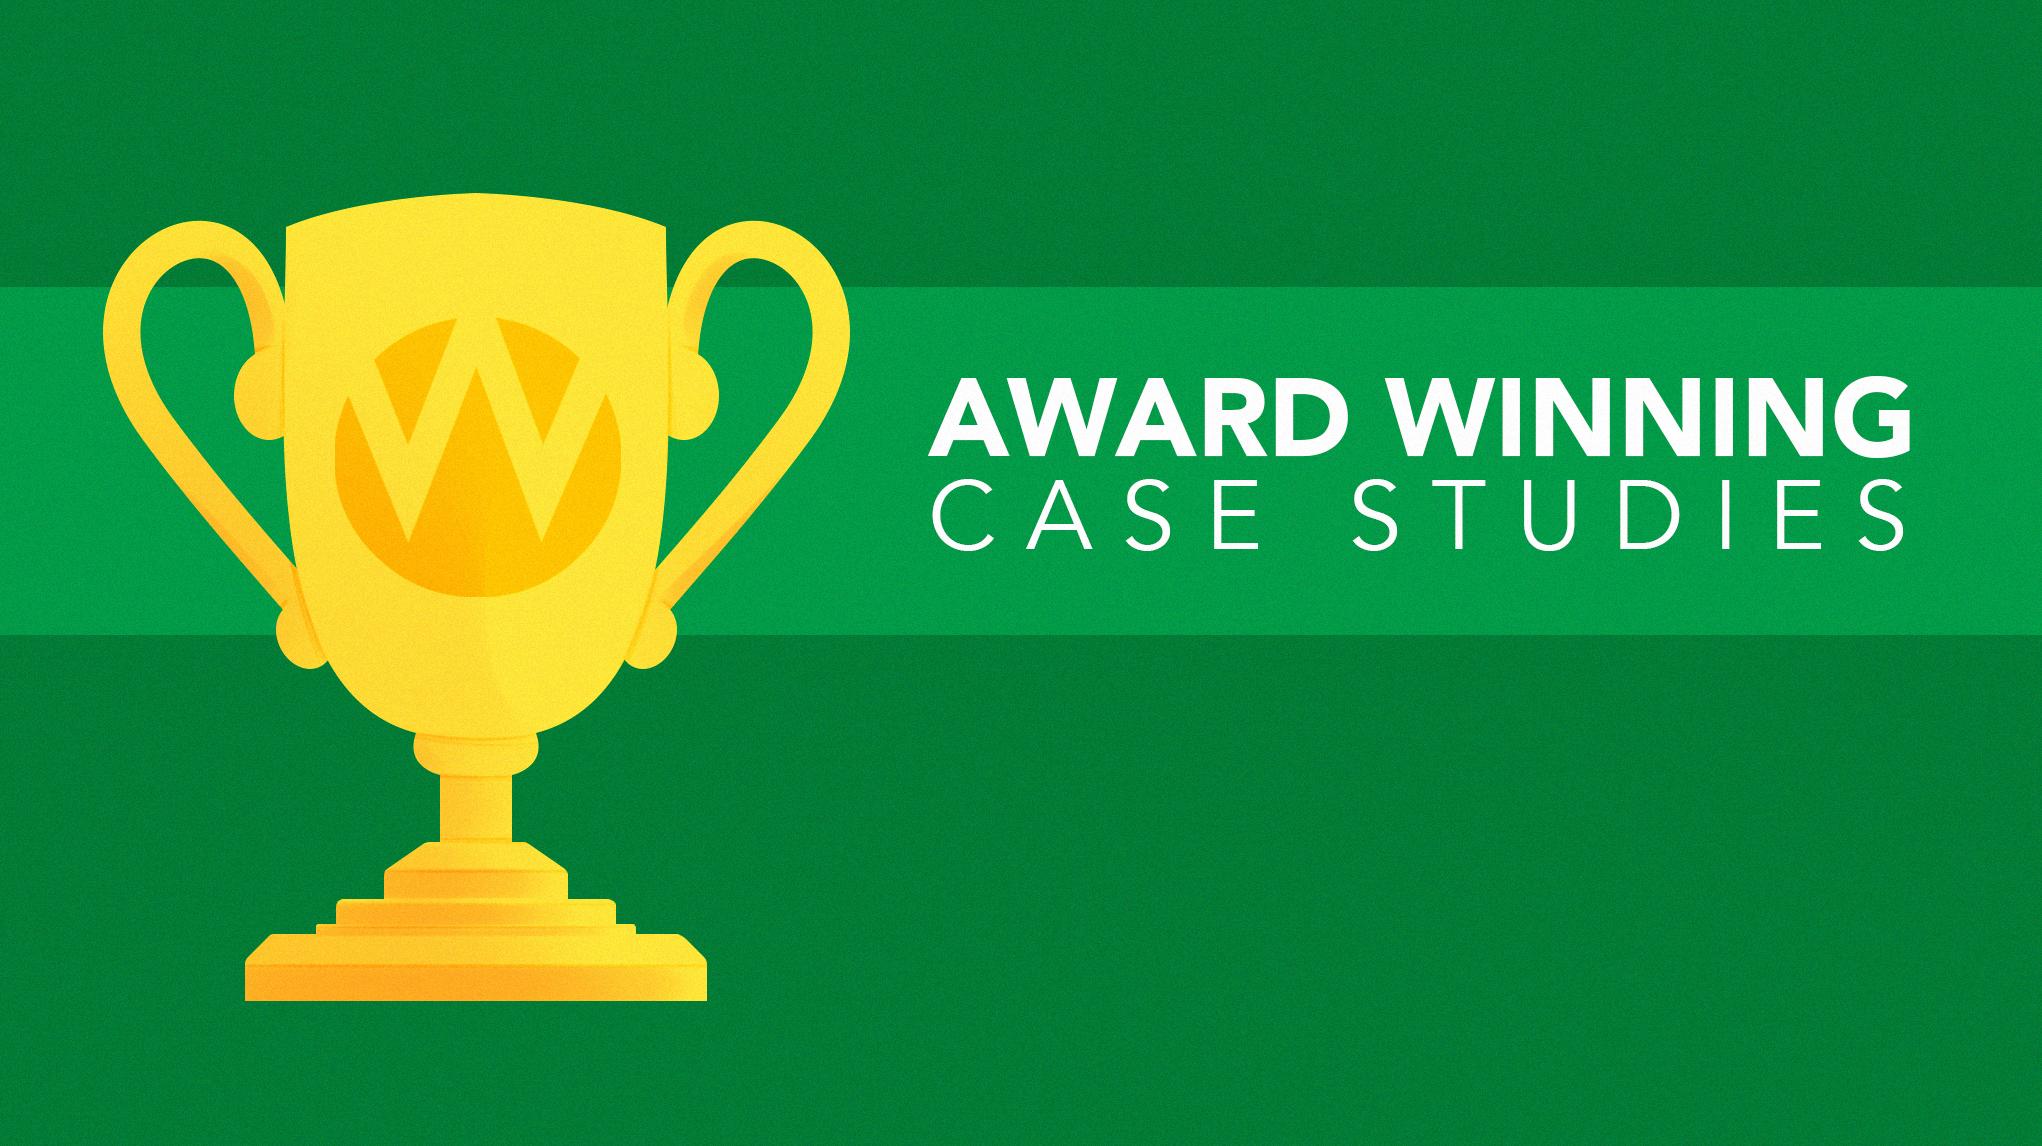 Award Winning Case Studies